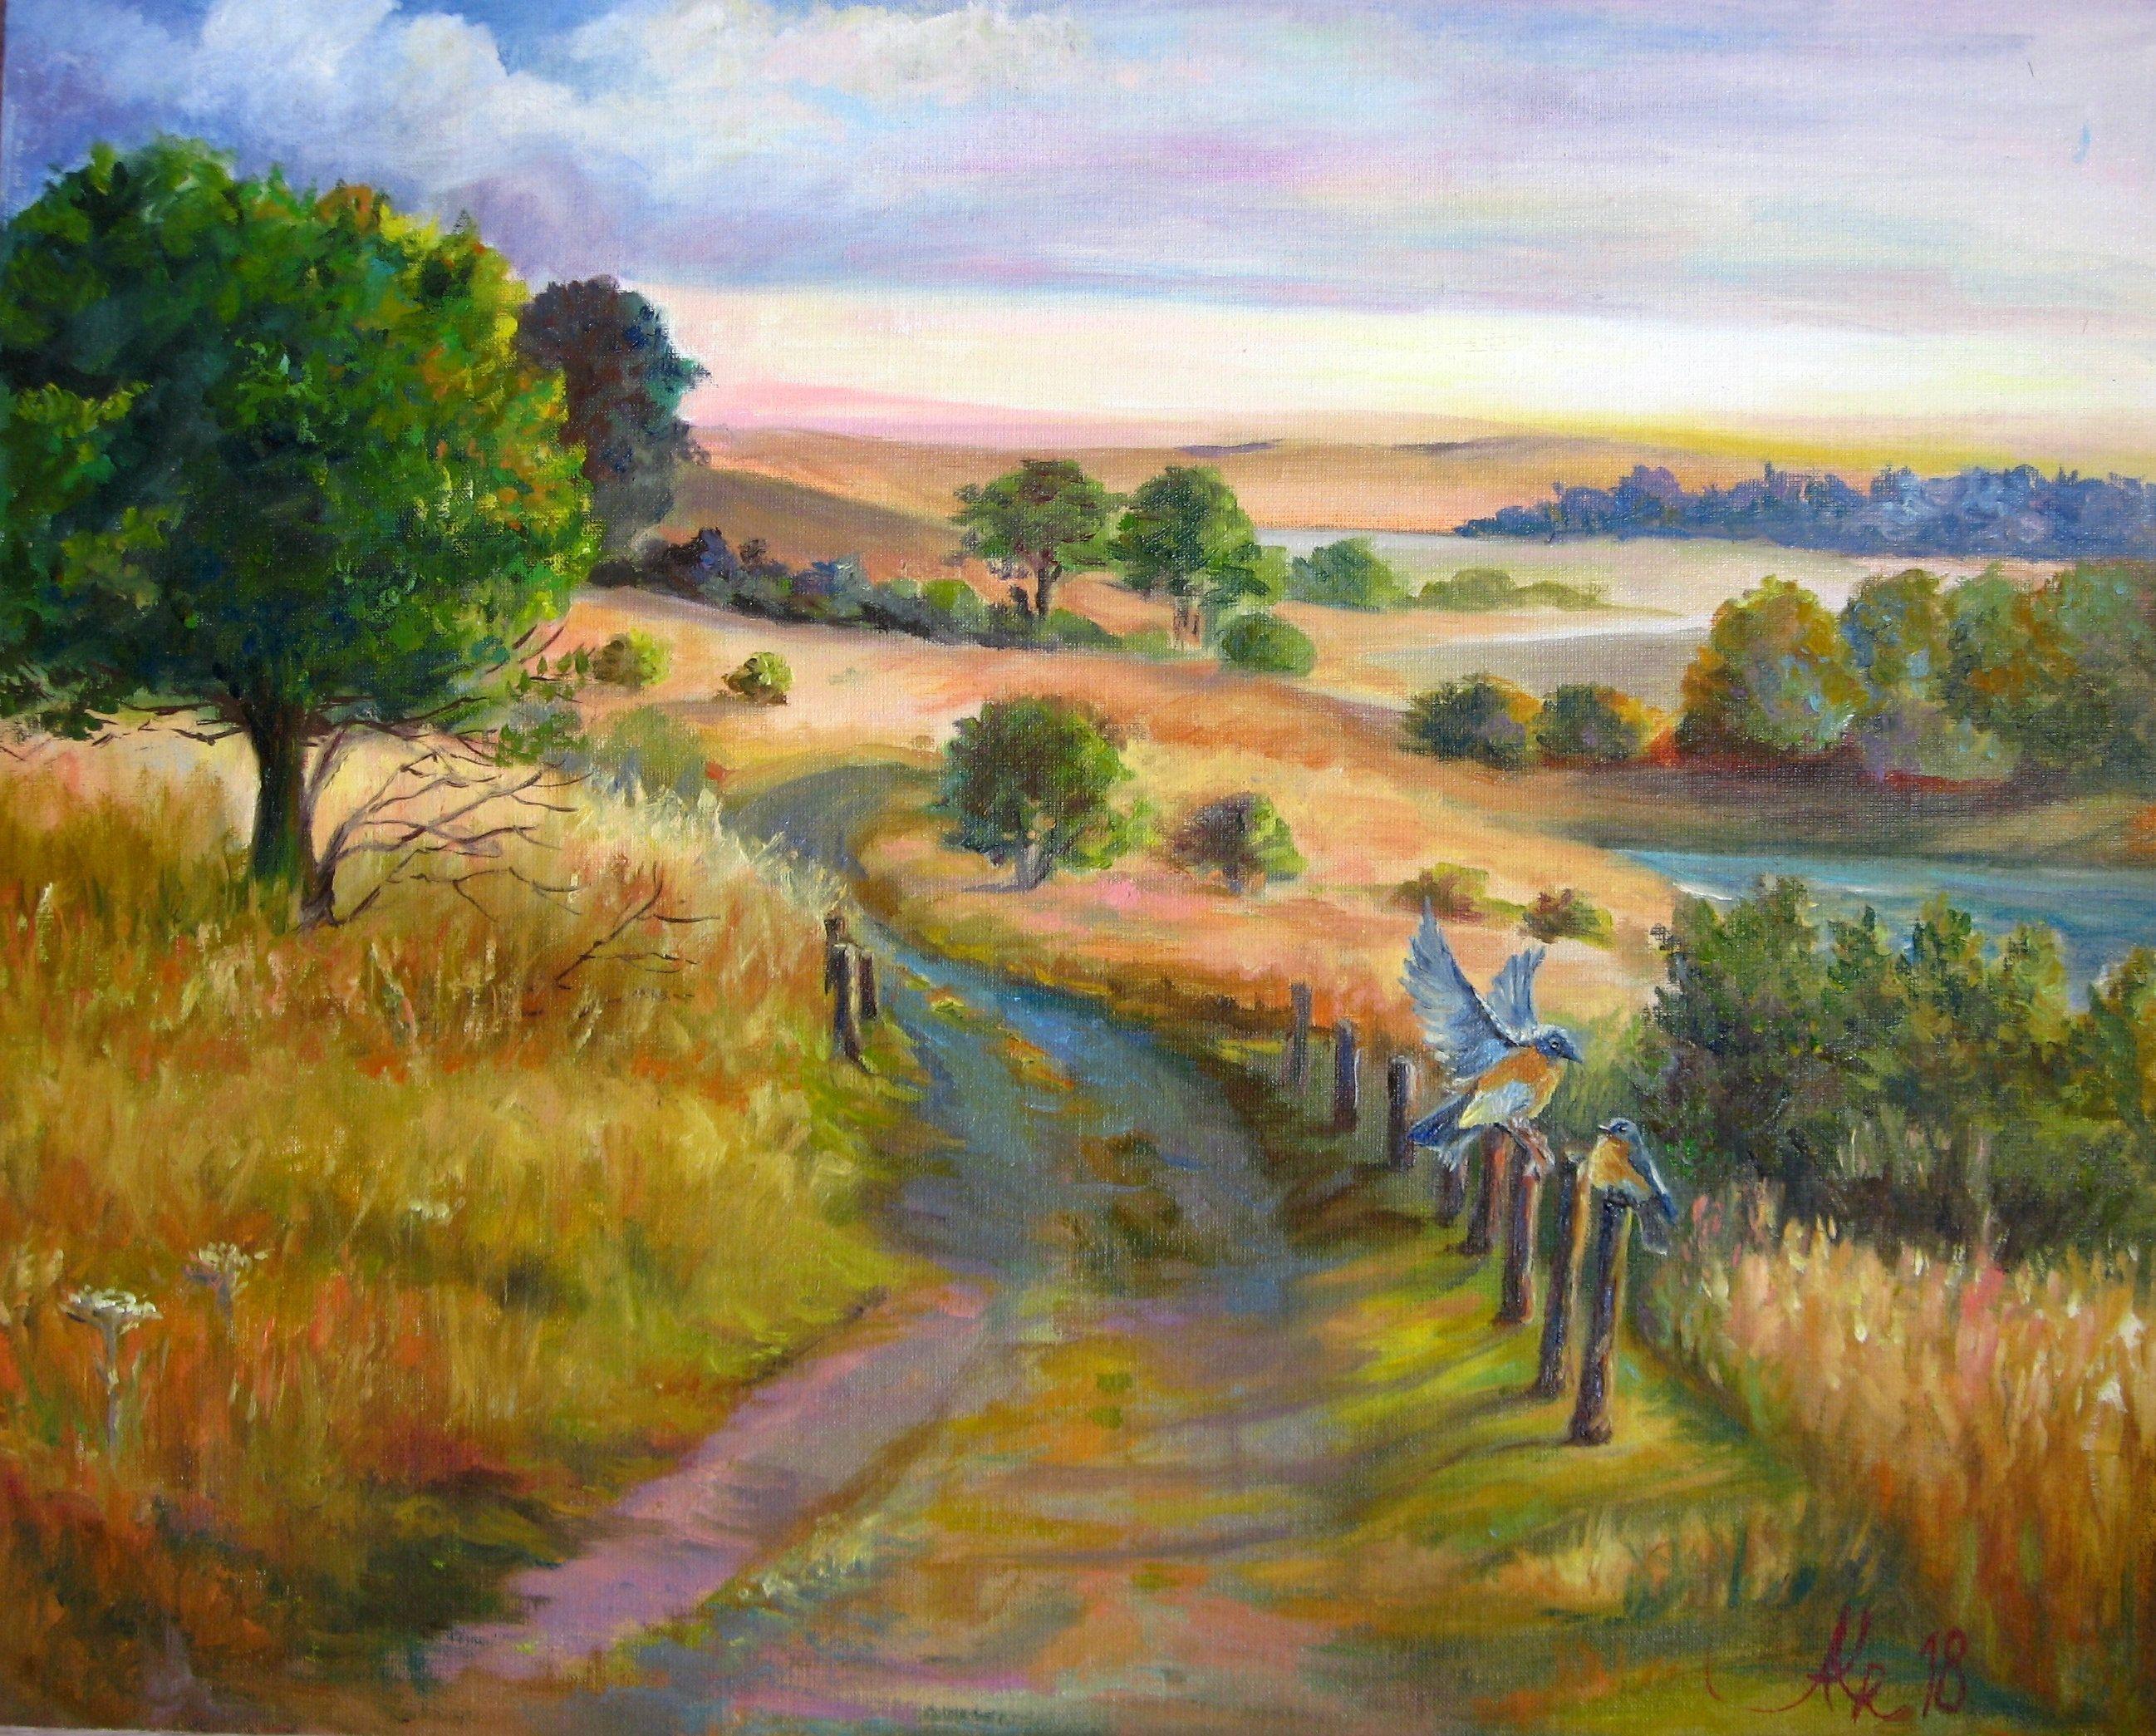 Meadow Painting Original Landscape Oil Painting Nature Wall Art Art Nature Oil Painting Landscape Landscape Art Painting Landscape Art